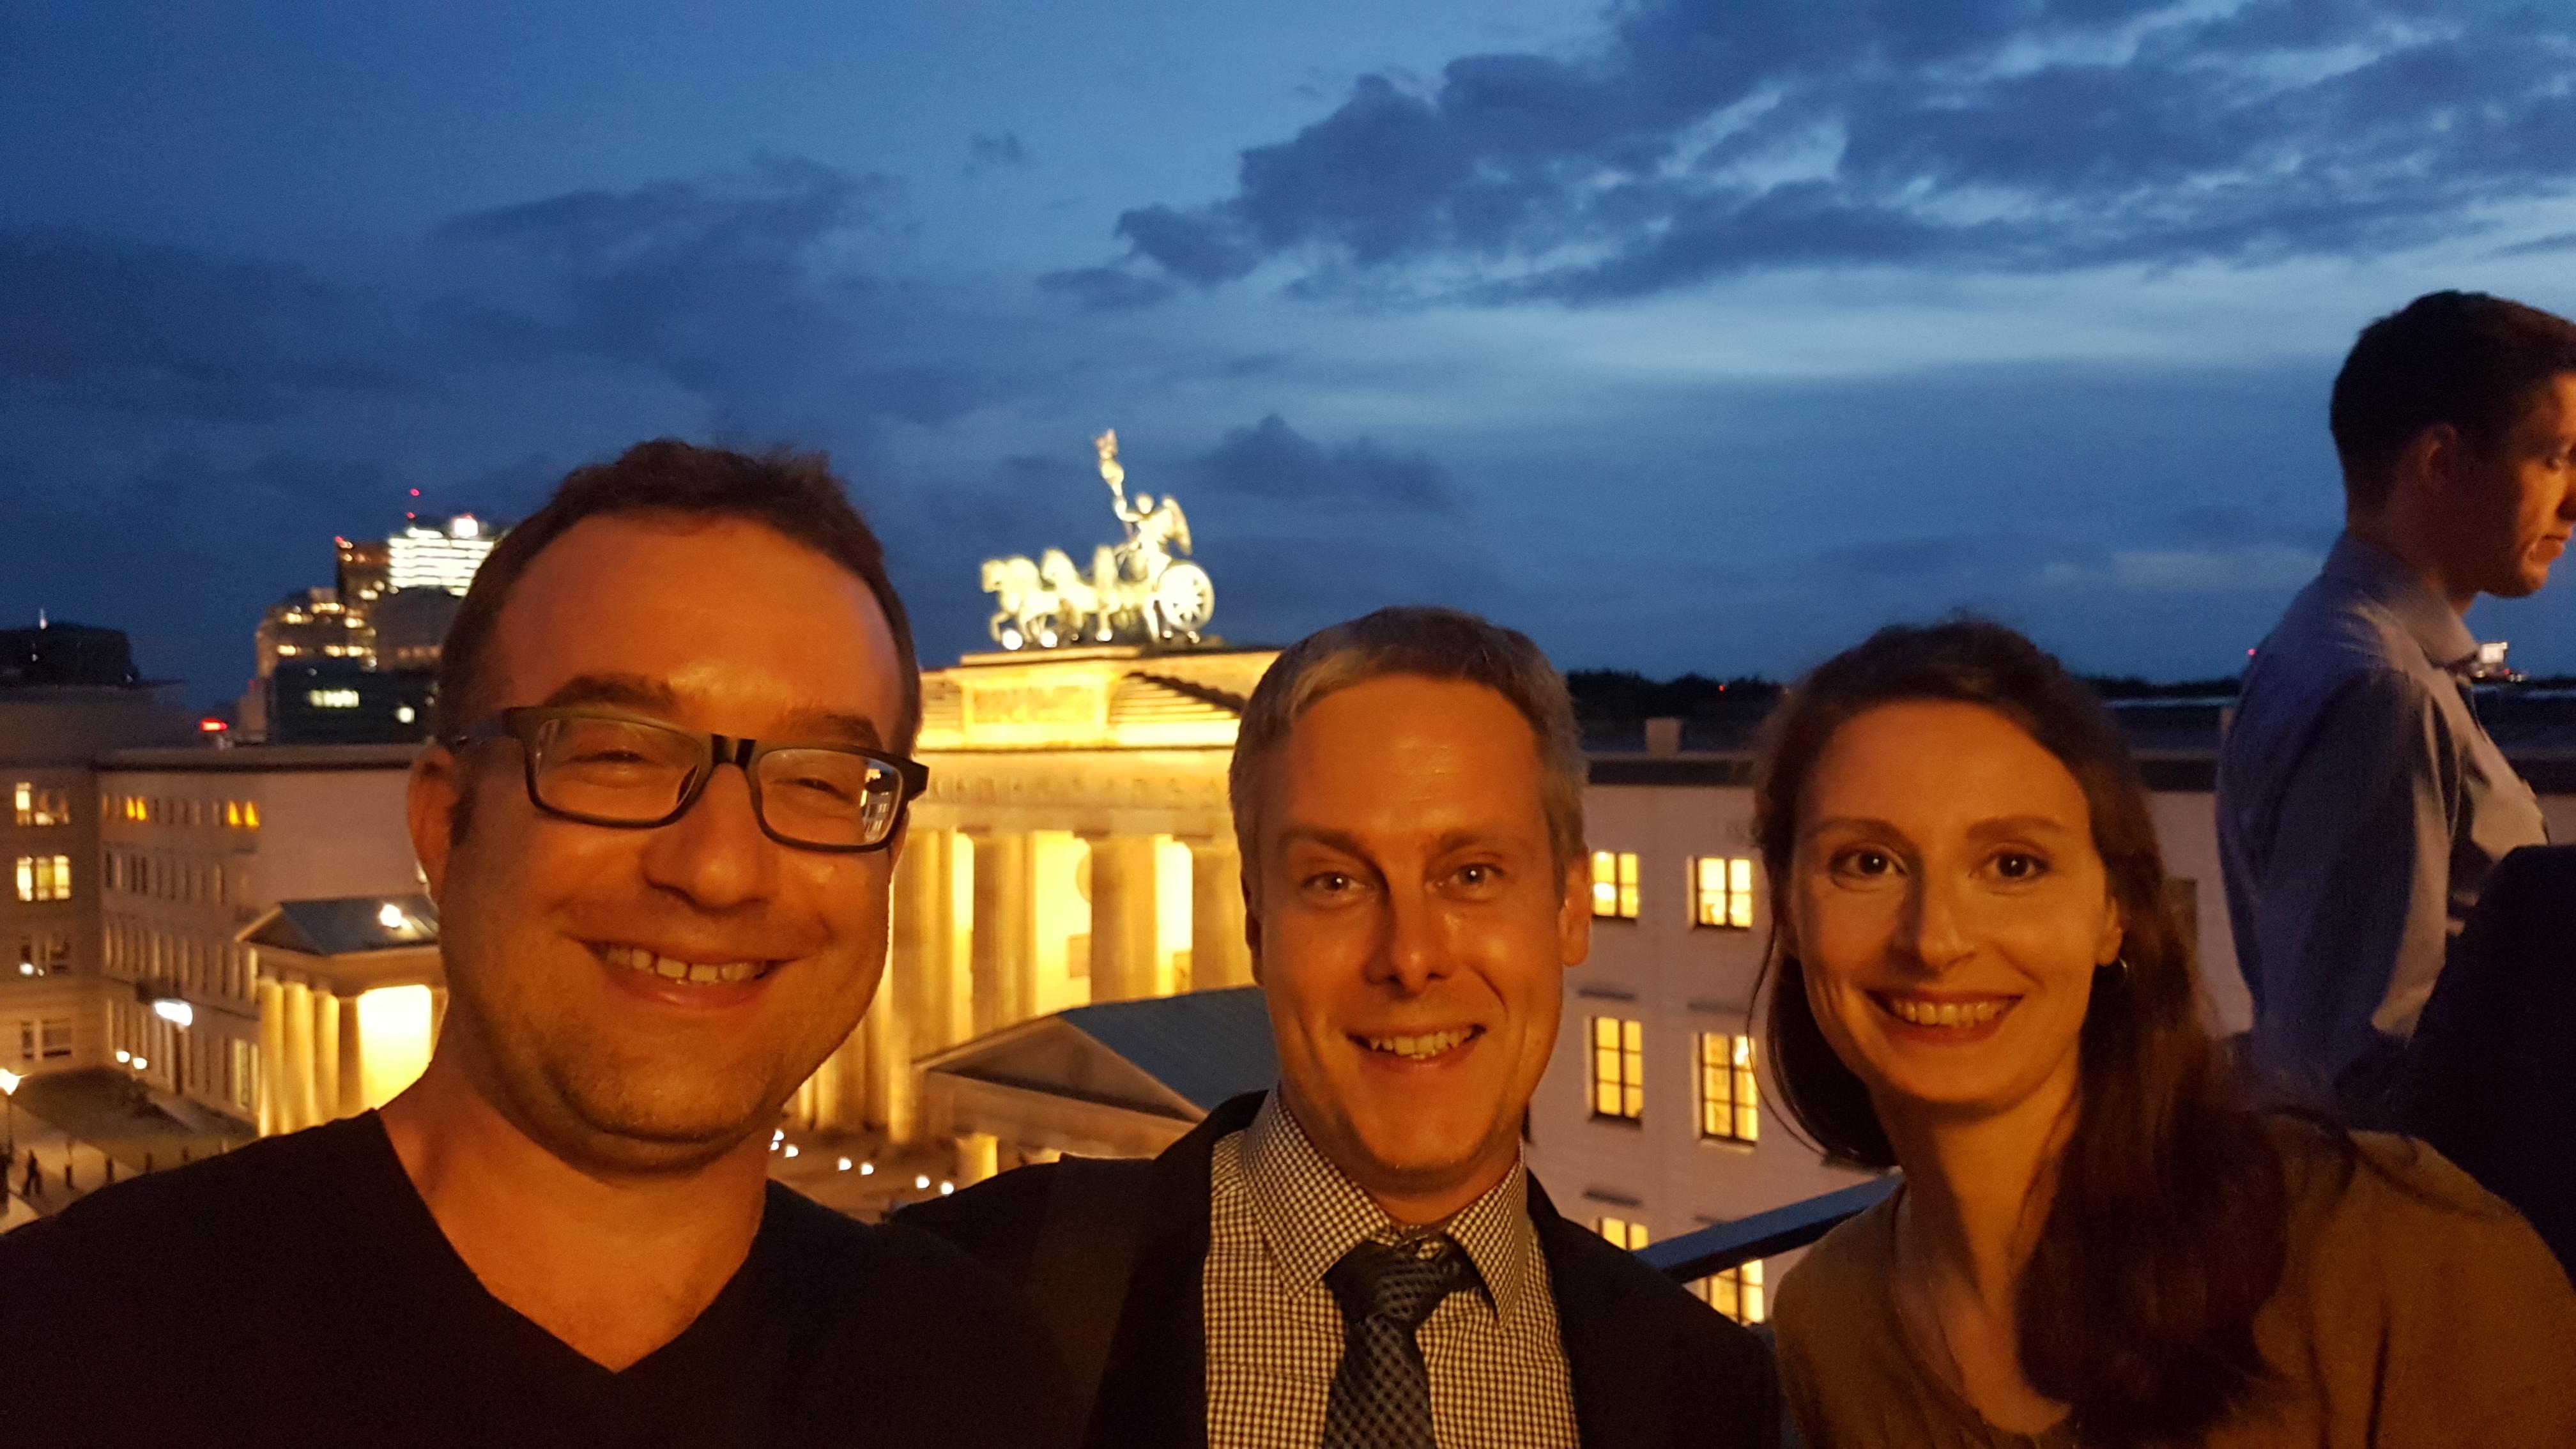 Gruppenphoto auf dem Balkon des Allianzforums